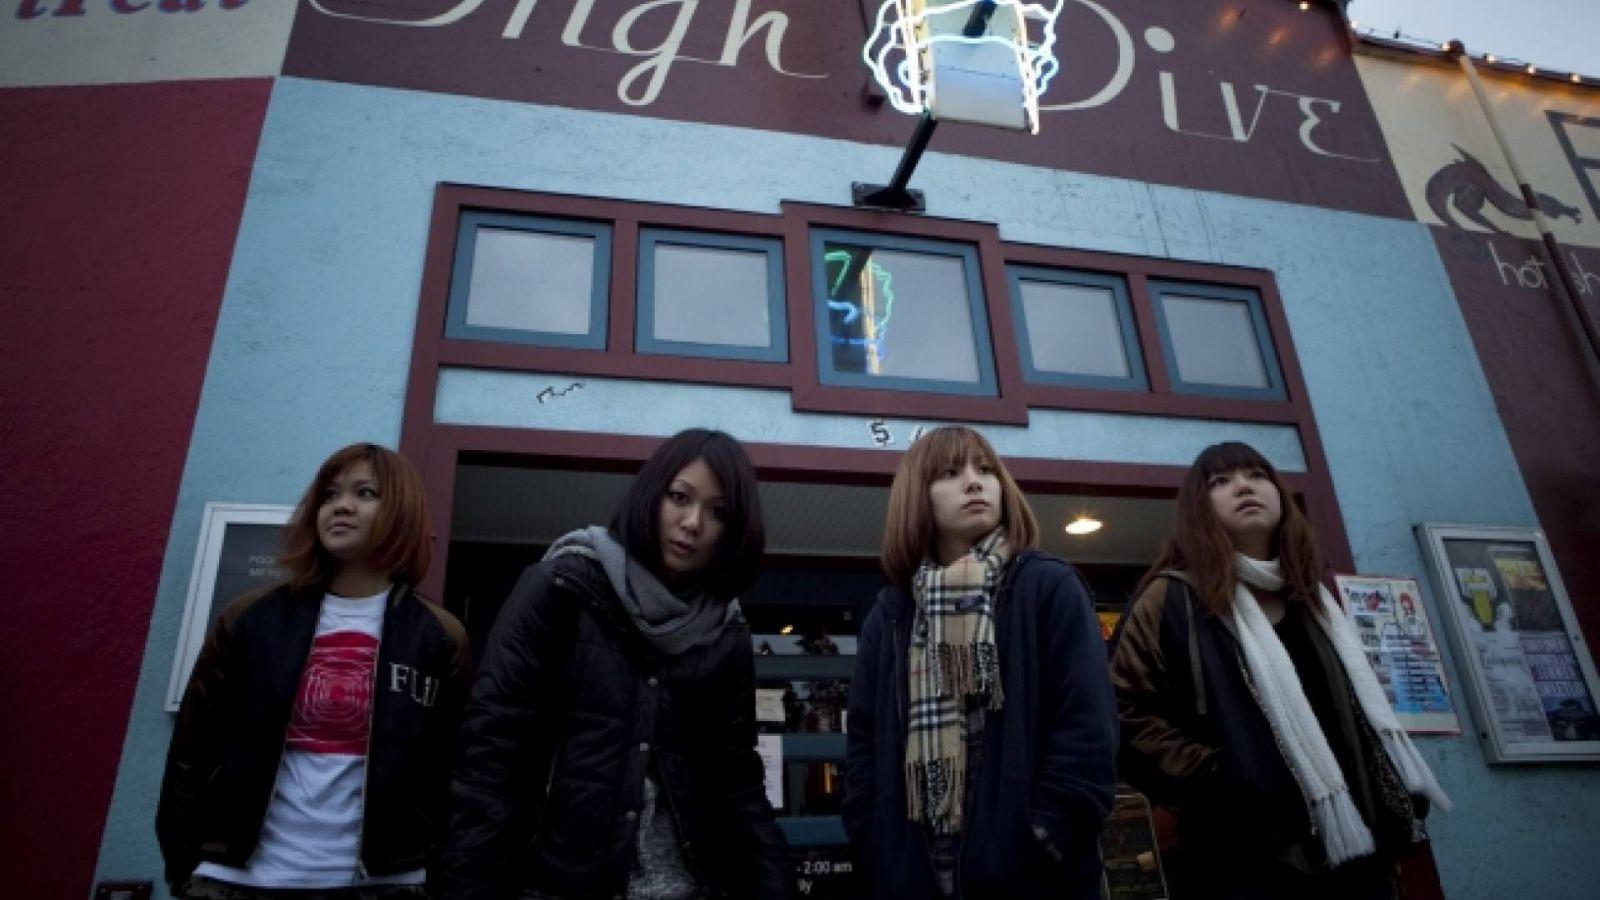 Deuxième album de FLiP © Sony Music Entertainment (Japan) Inc.